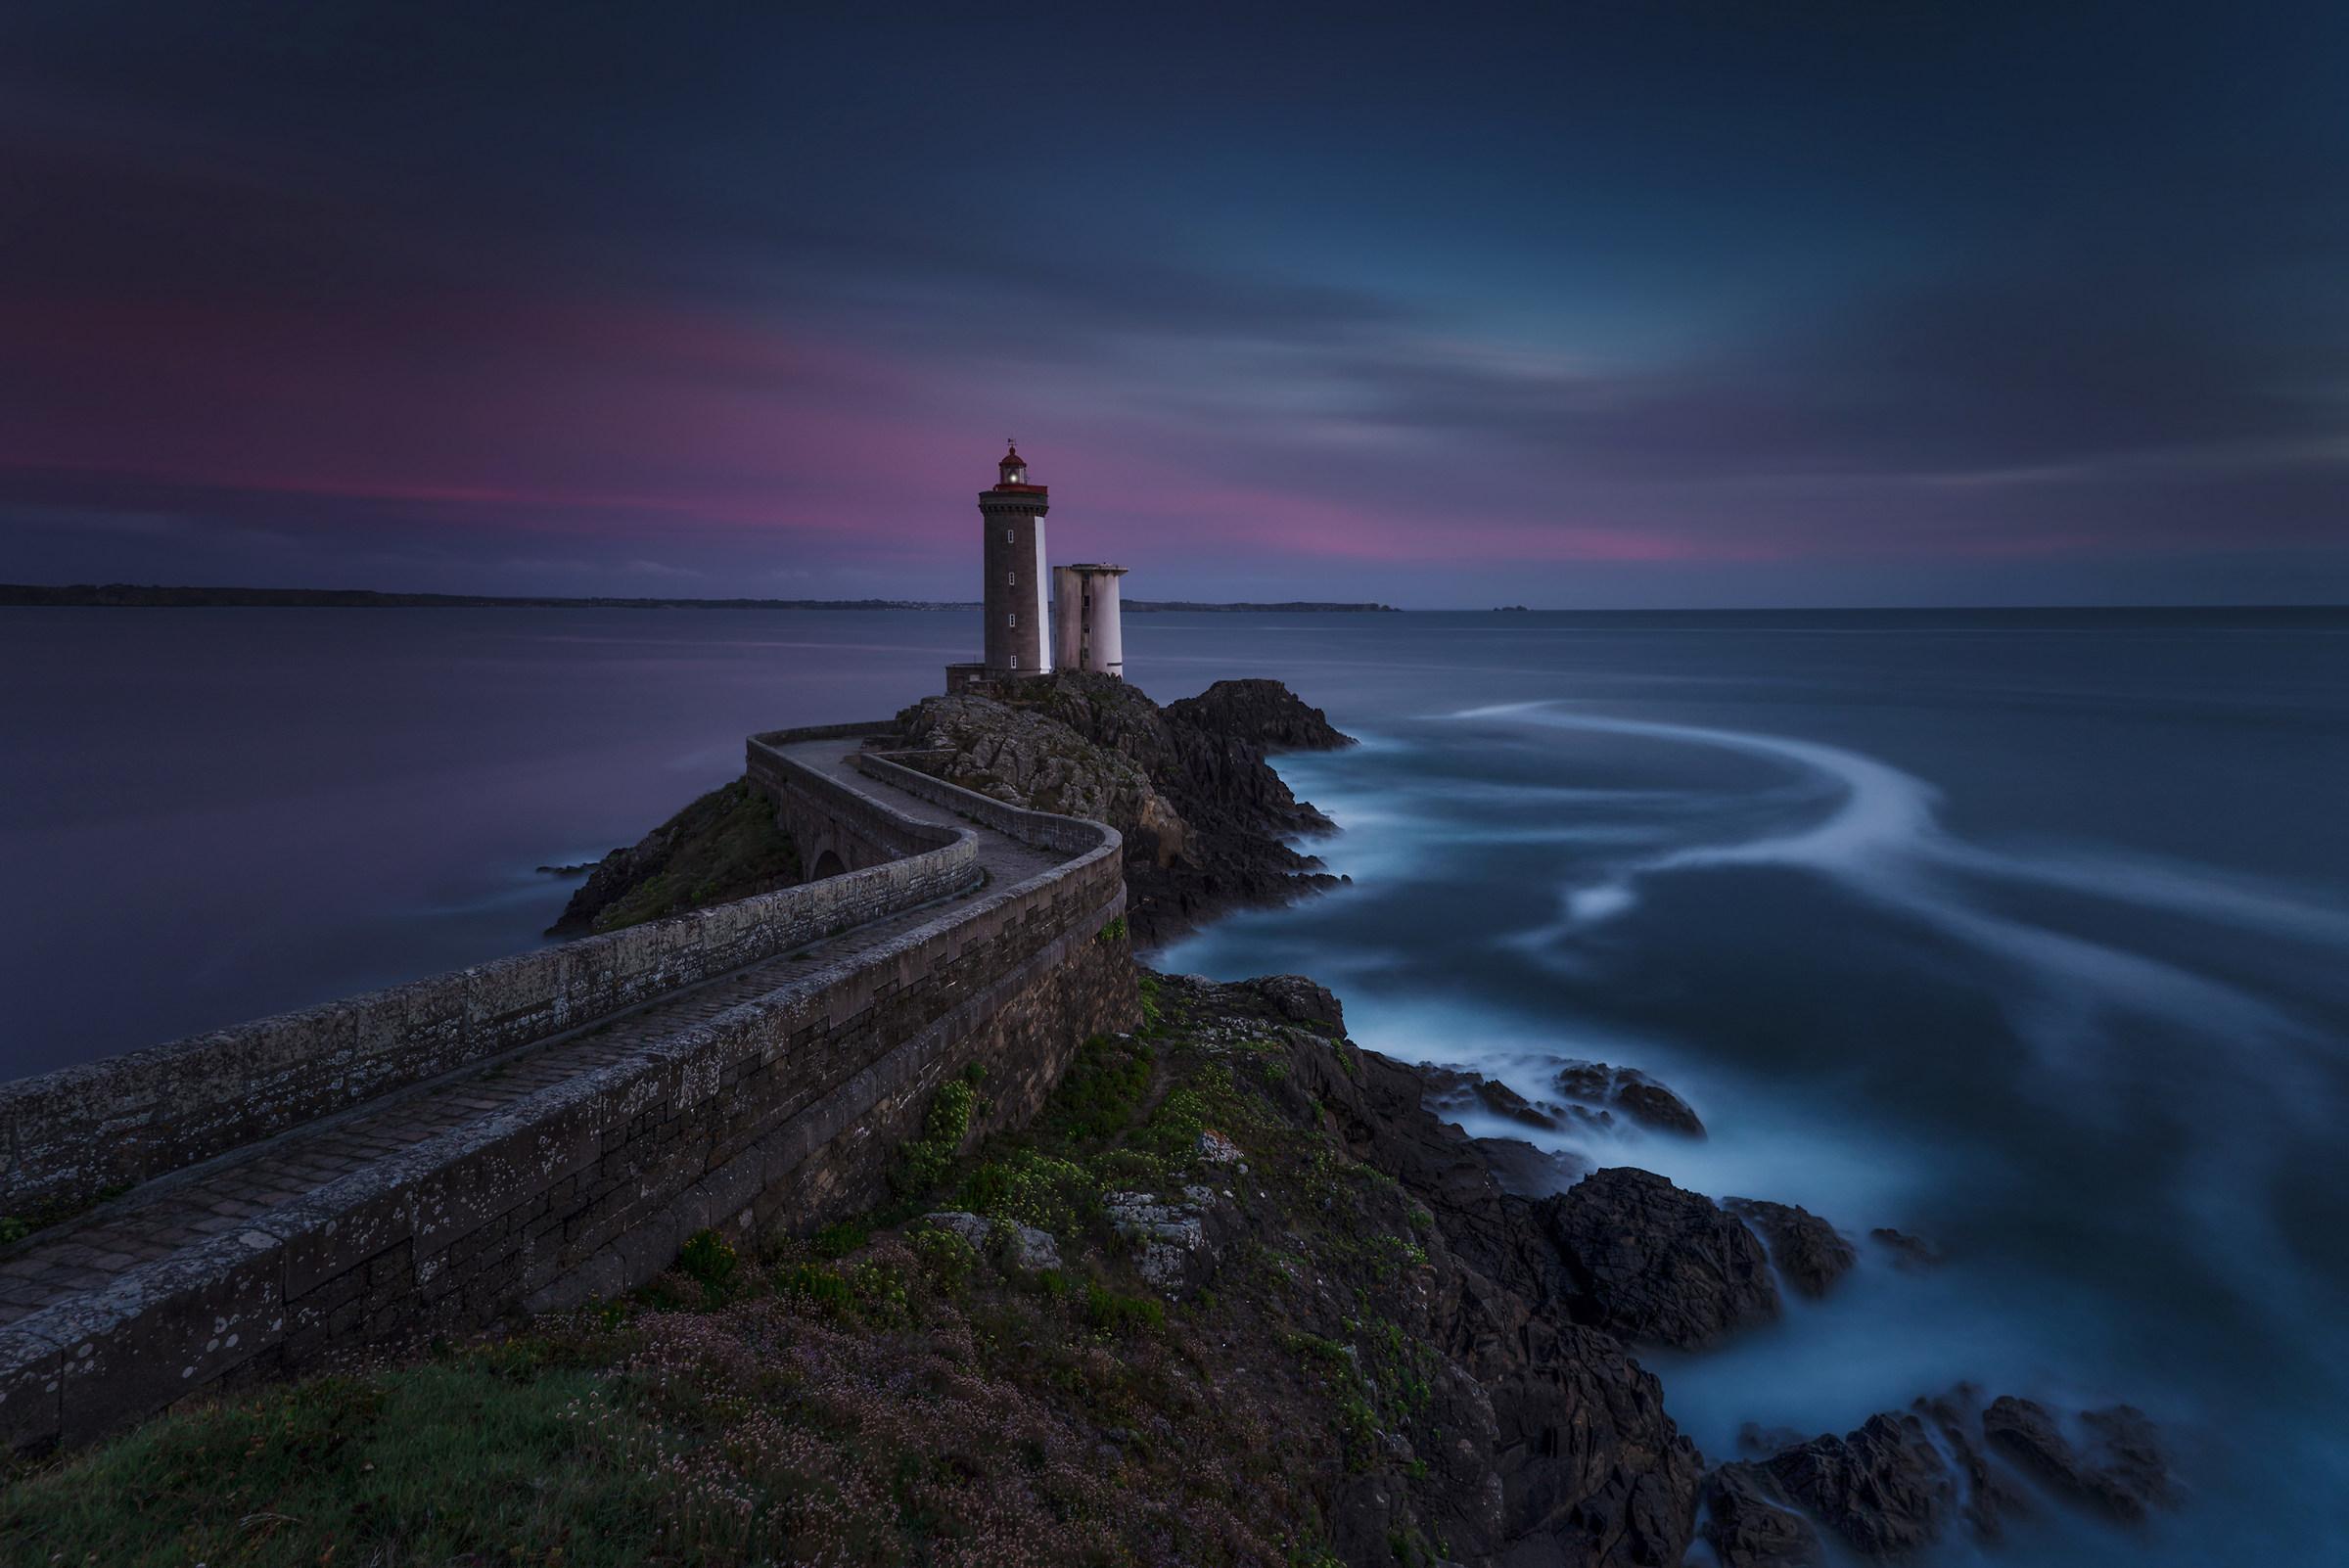 Sunset on the Breton coast...